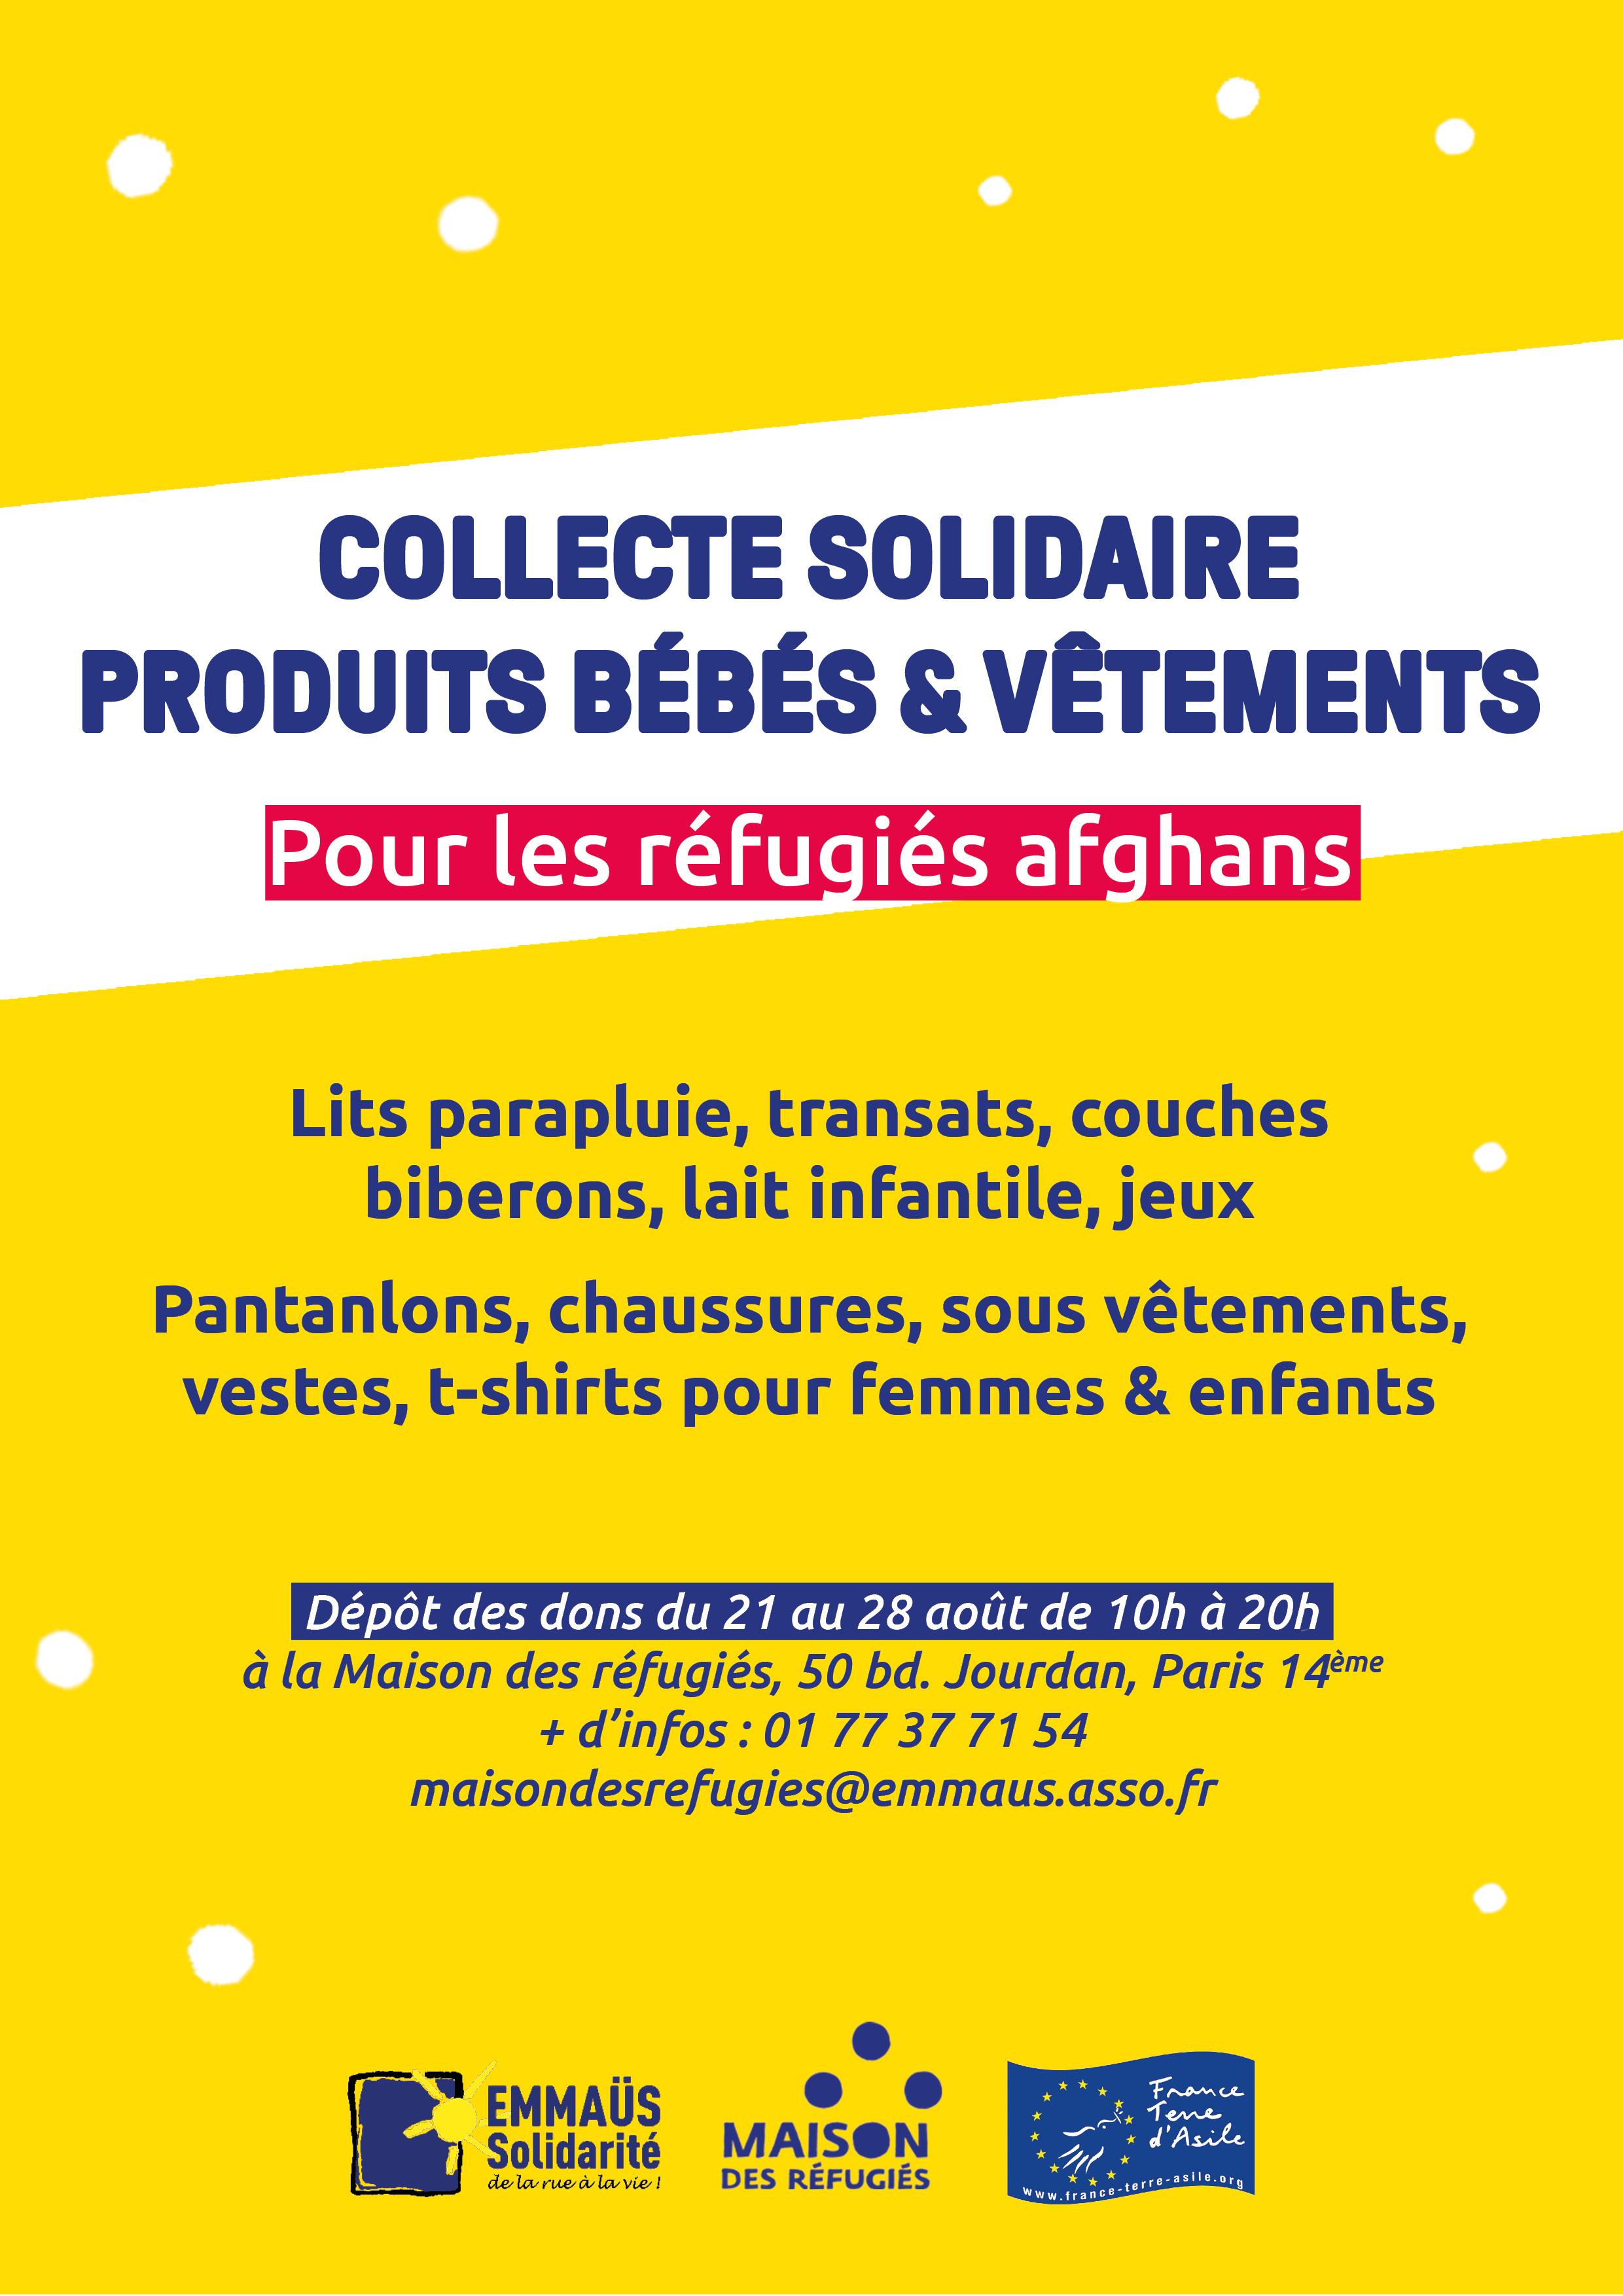 Collecte solidaire pour les réfugiés afghans